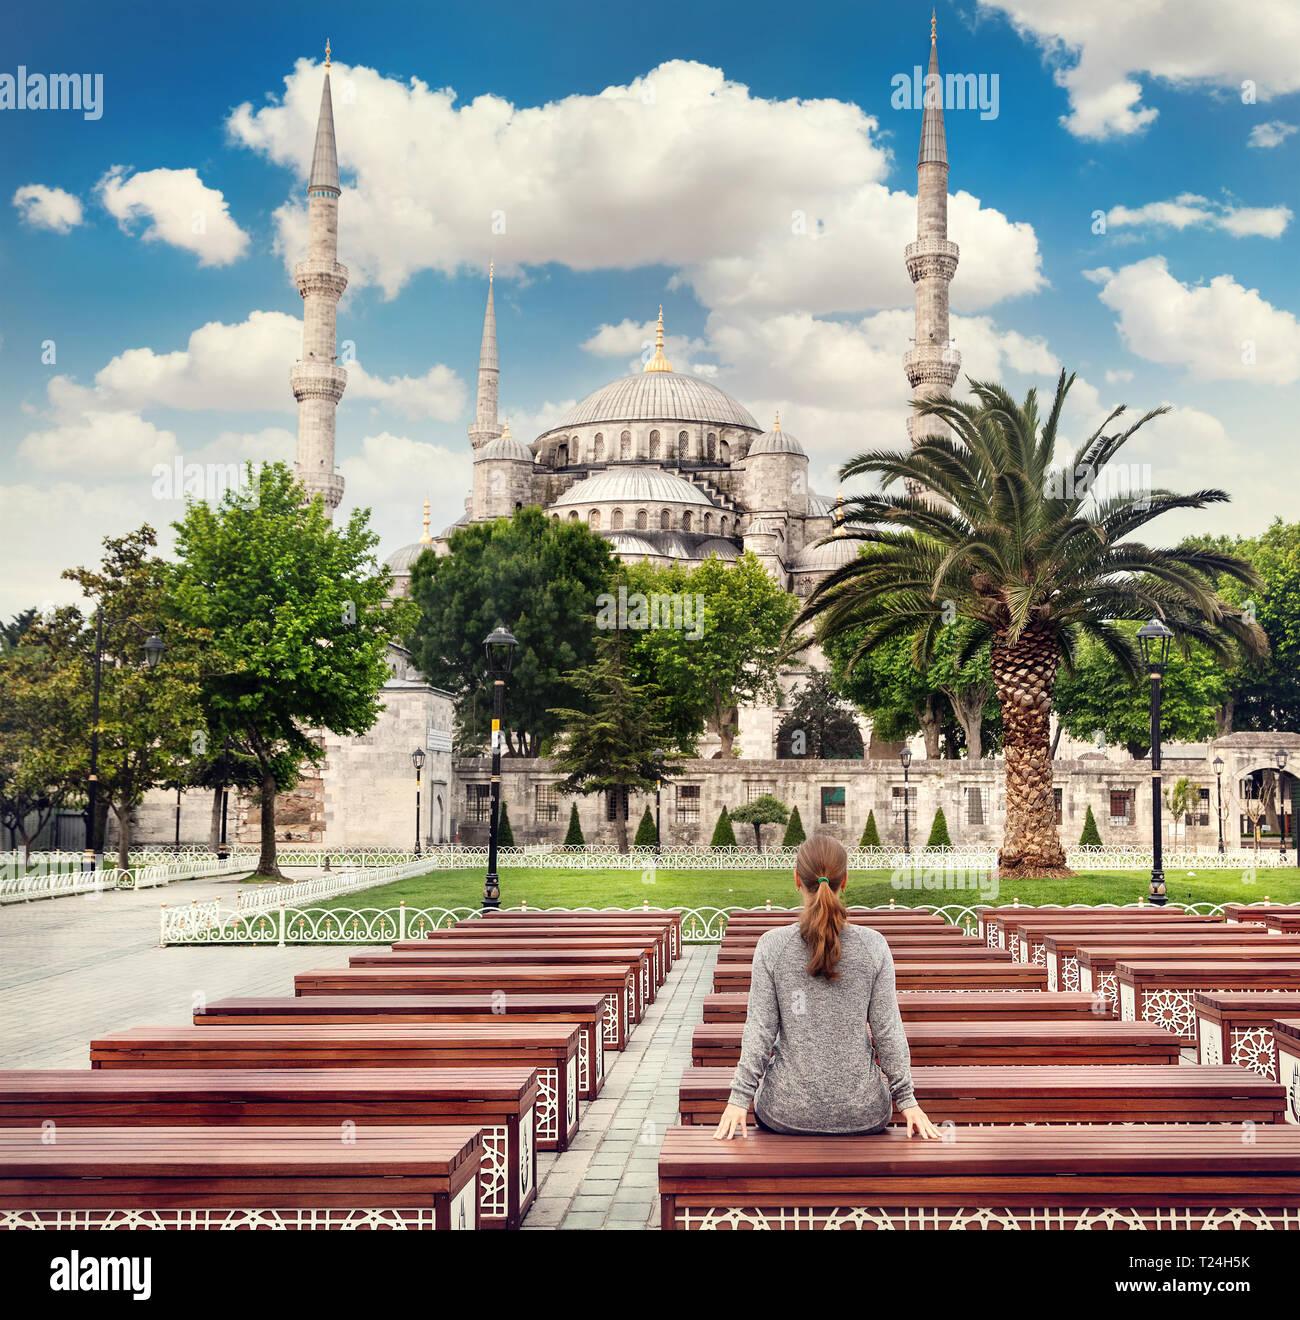 Donna sul banco di lavoro guardando la Moschea Blu di ad Istanbul in Turchia Immagini Stock